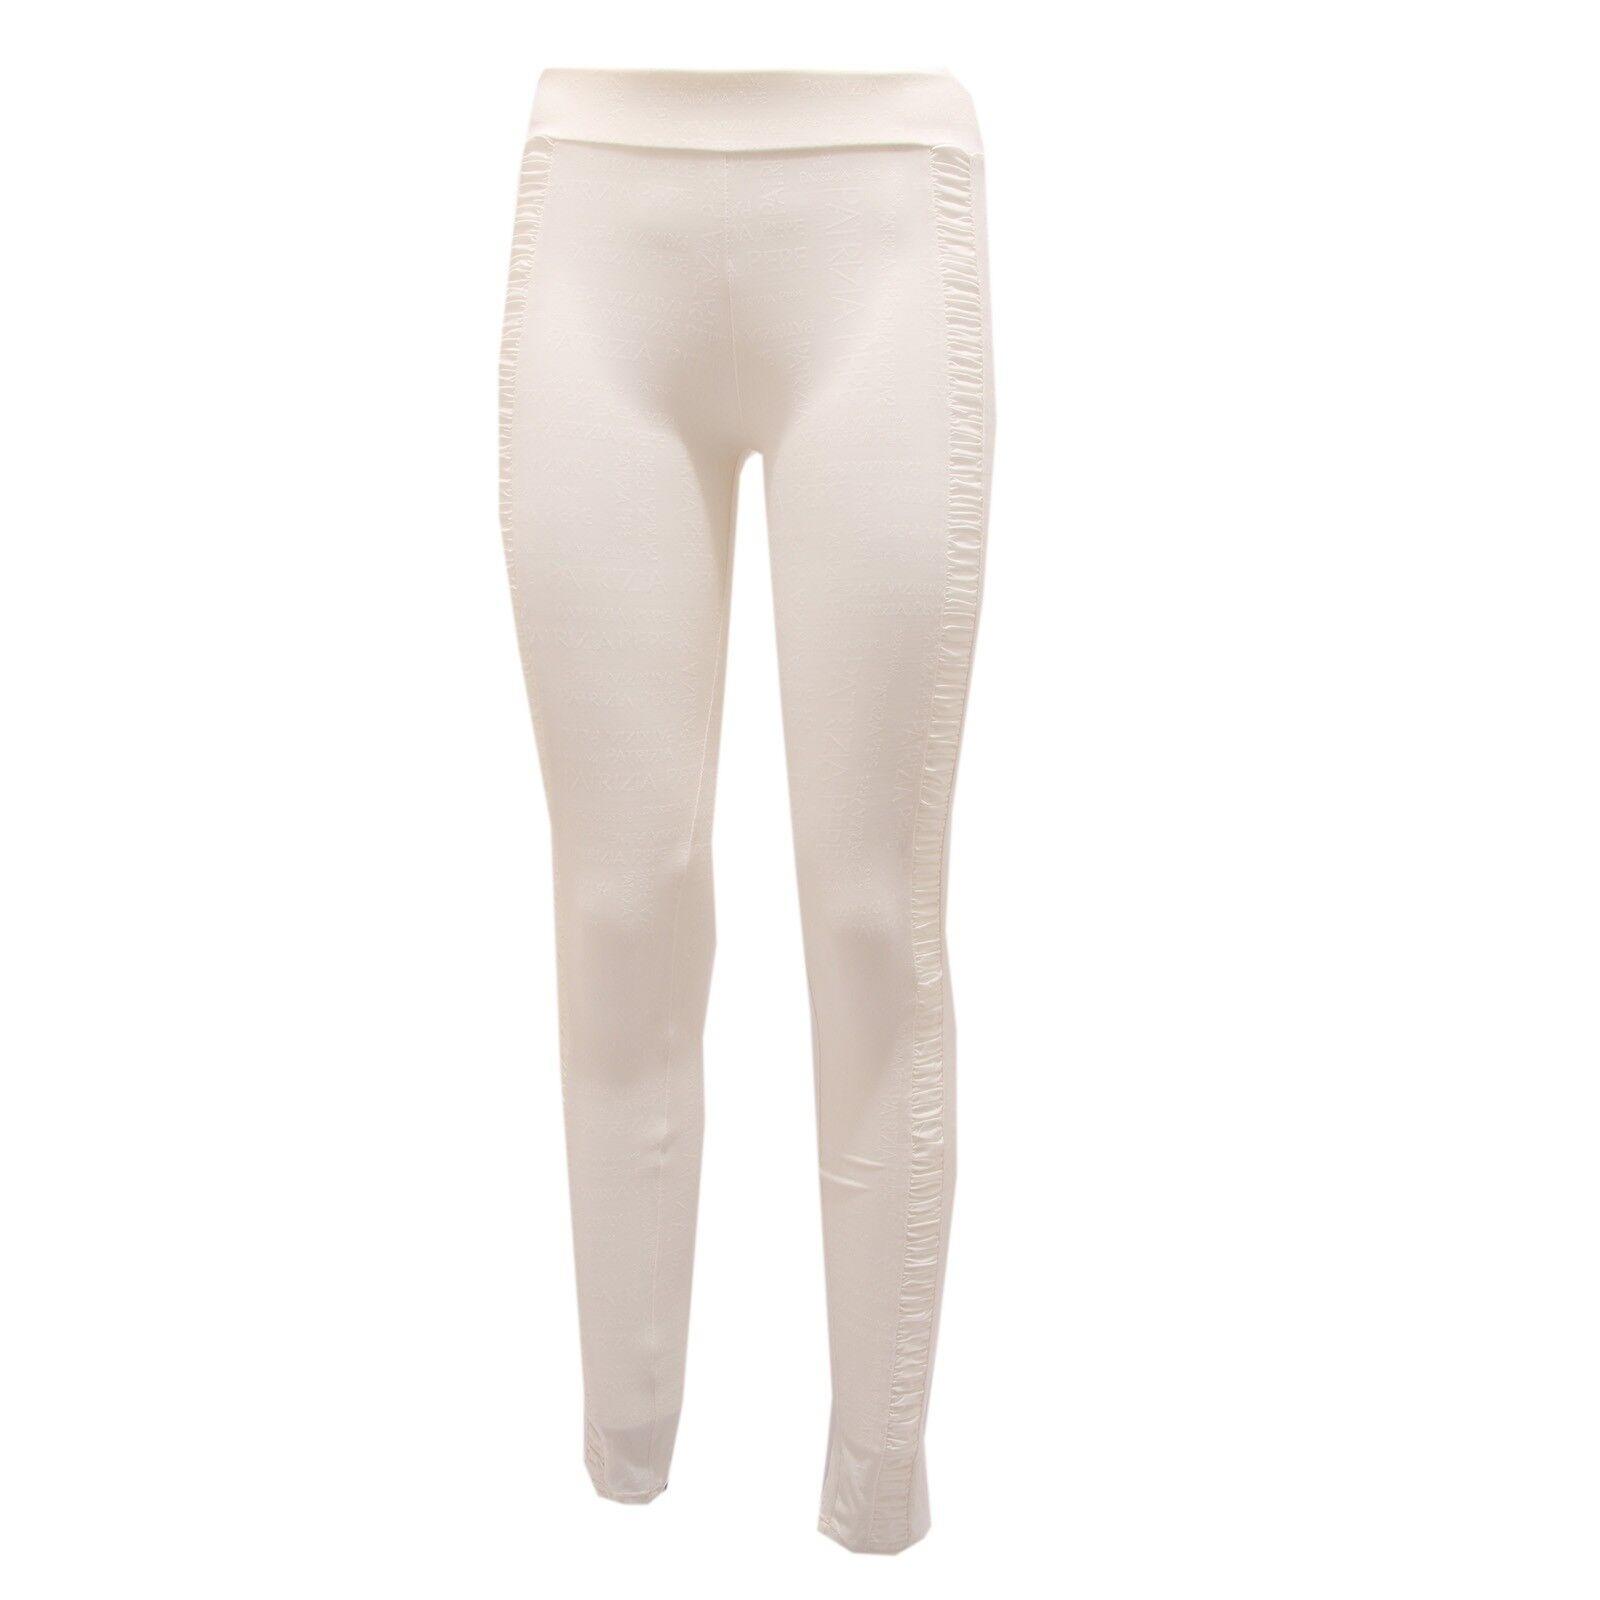 0319Q LEGGINGS PATRIZIA PEPE LOVE SPORT panna pantalone damen damen damen trouser woman 88ea1b